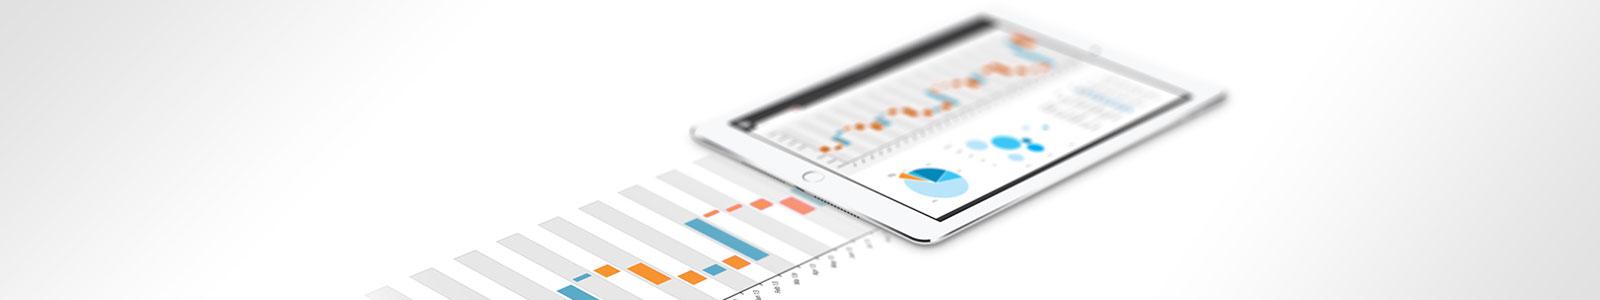 Klinische Entwicklung: Wie gut ist Ihre Budgetierung bzw. Ihr Budget Management?